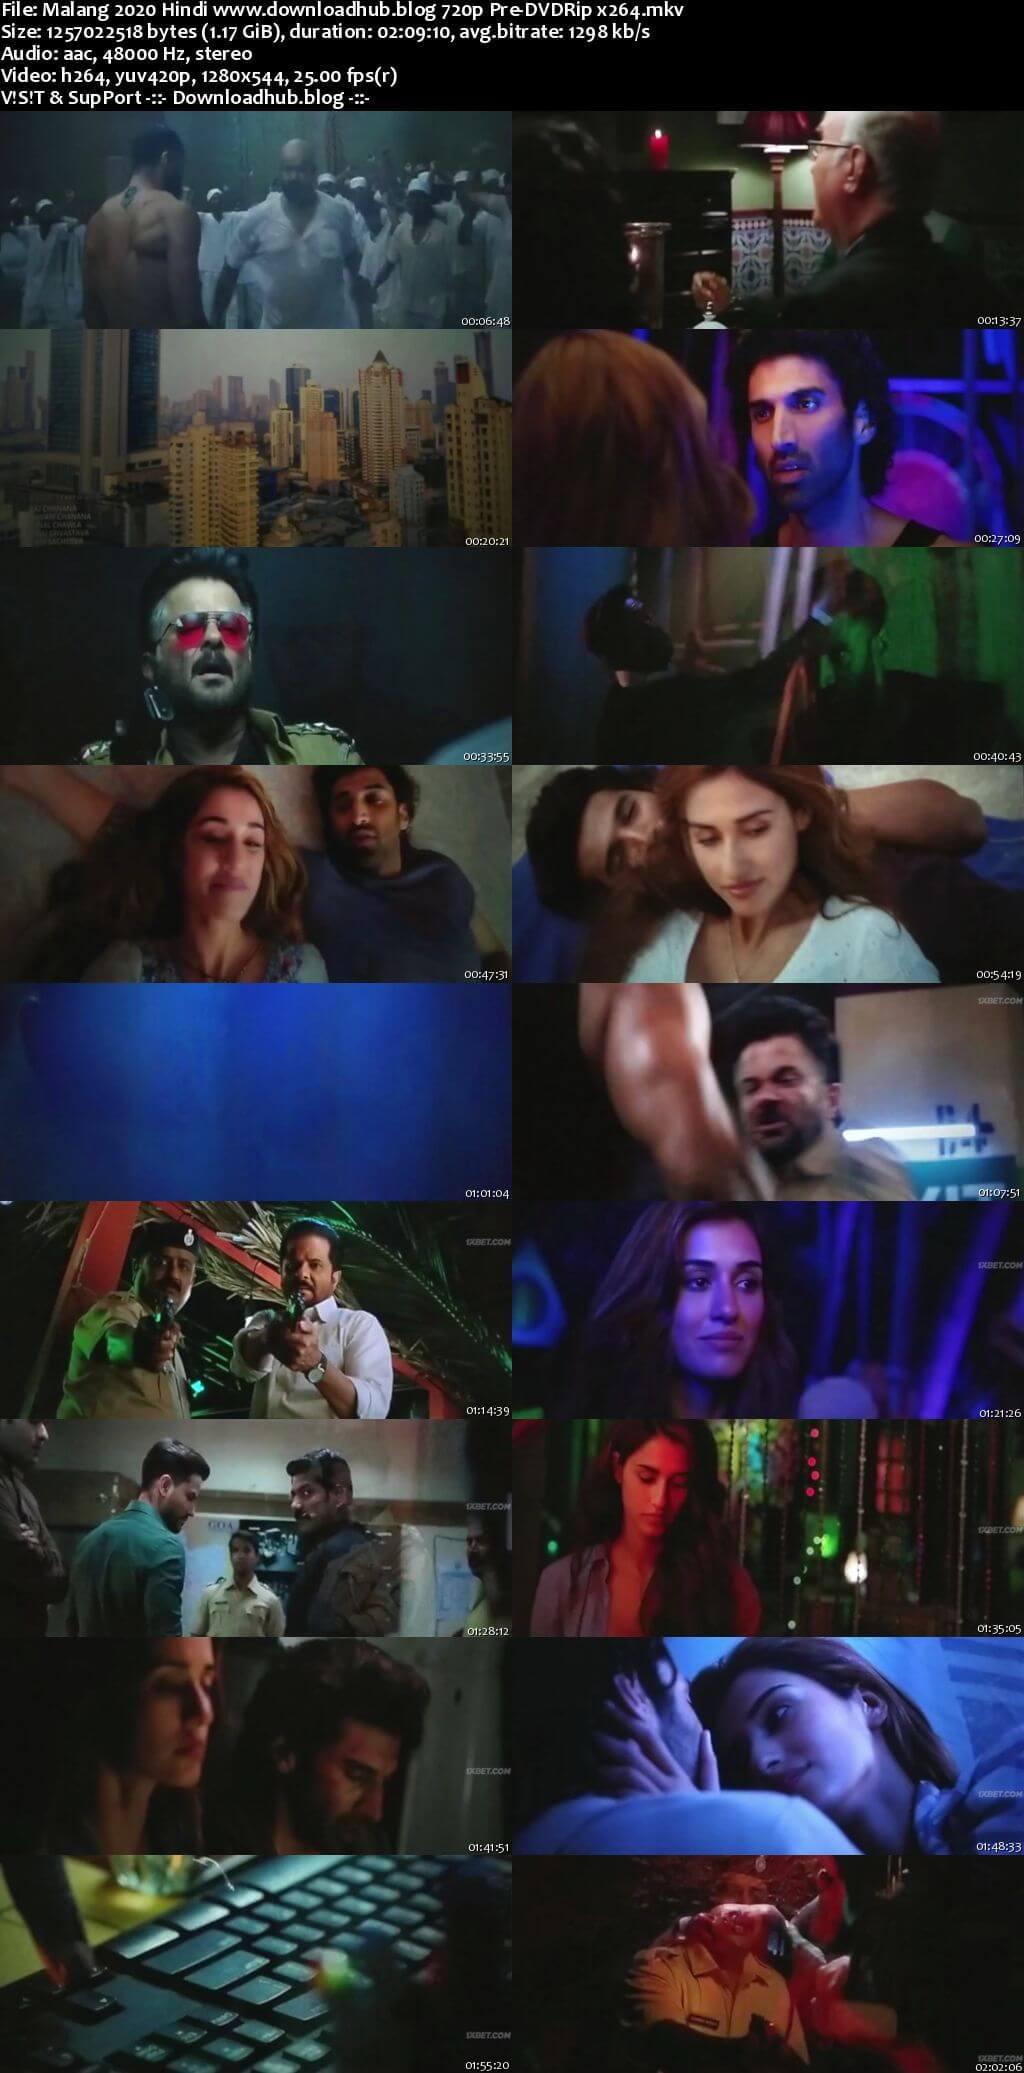 Malang 2020 Hindi 720p 480p Pre-DVDRip x264